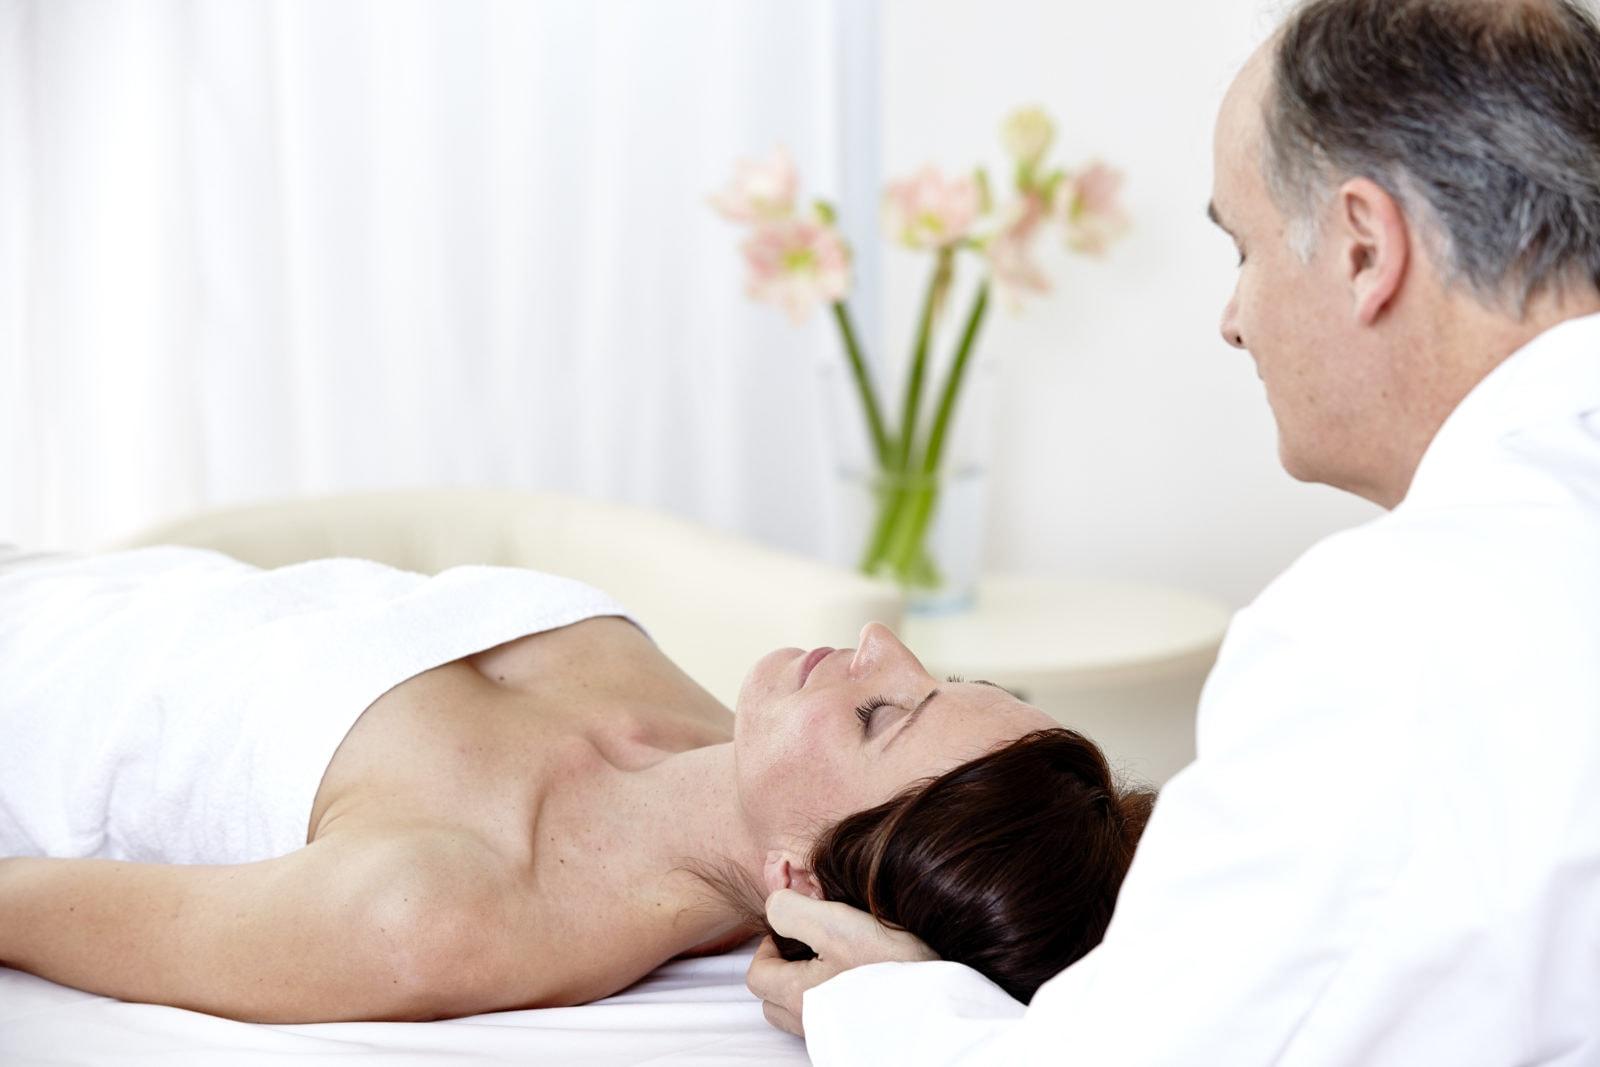 Patientin bekommt eine ärztliche Kopfmassage